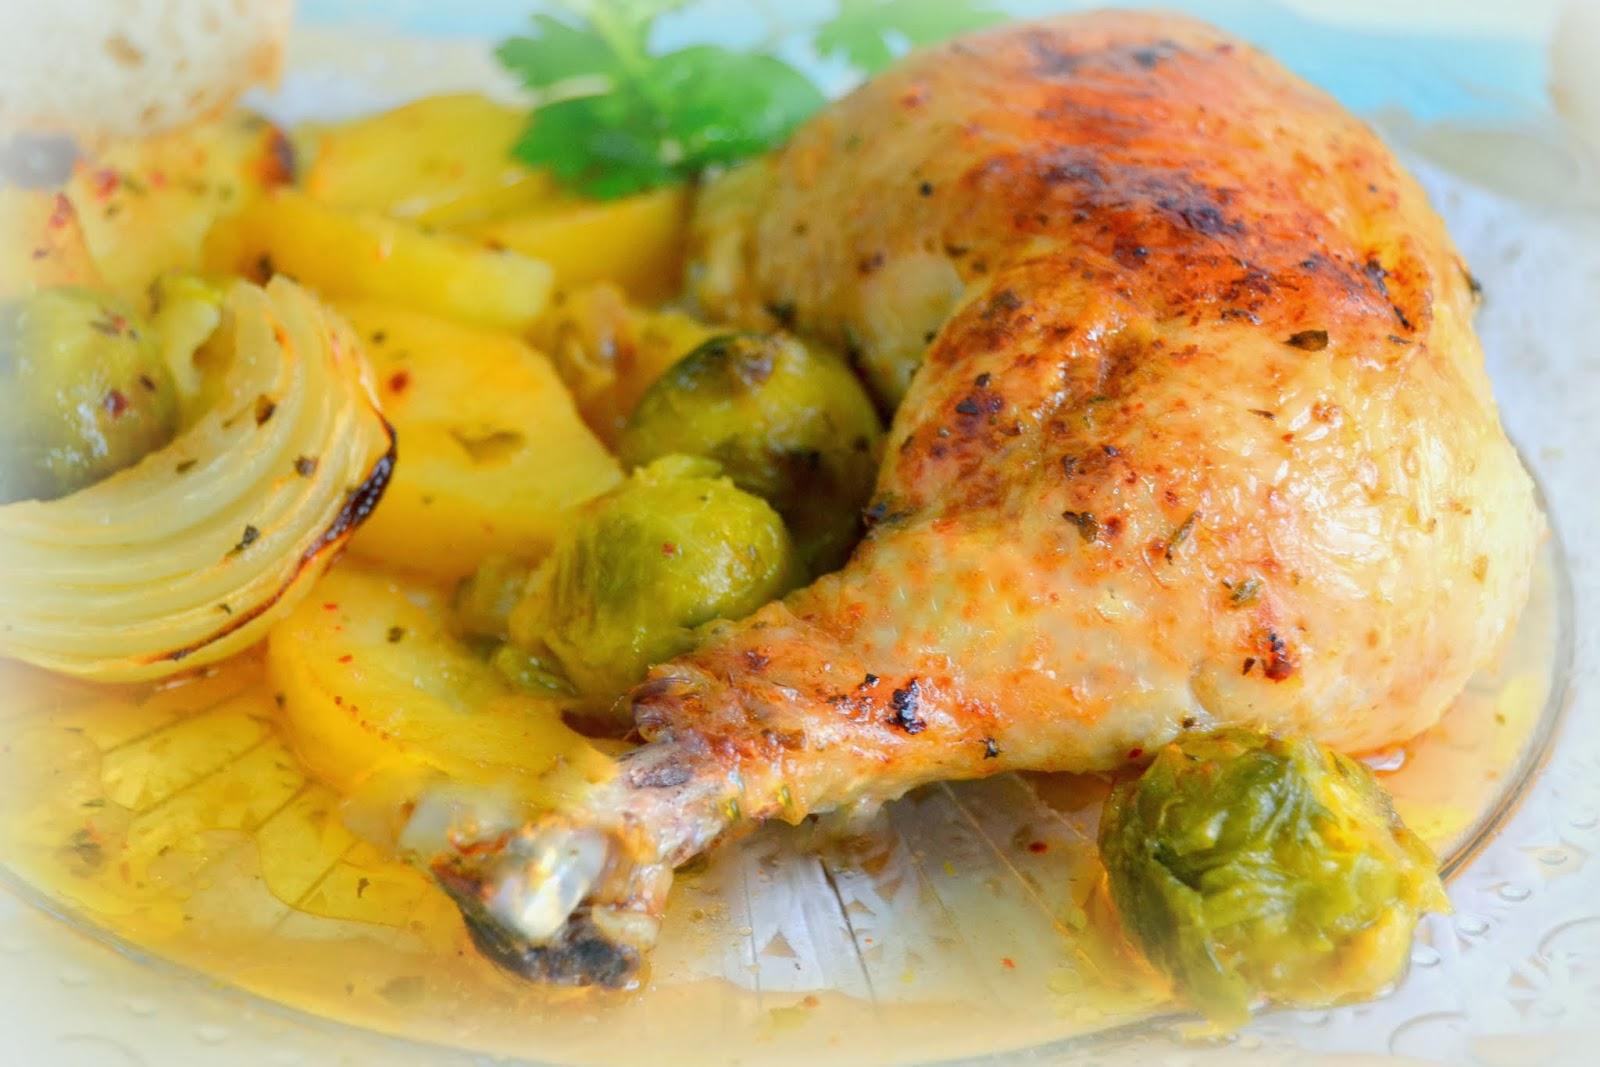 Pollo al horno | CocinaconMarta.com